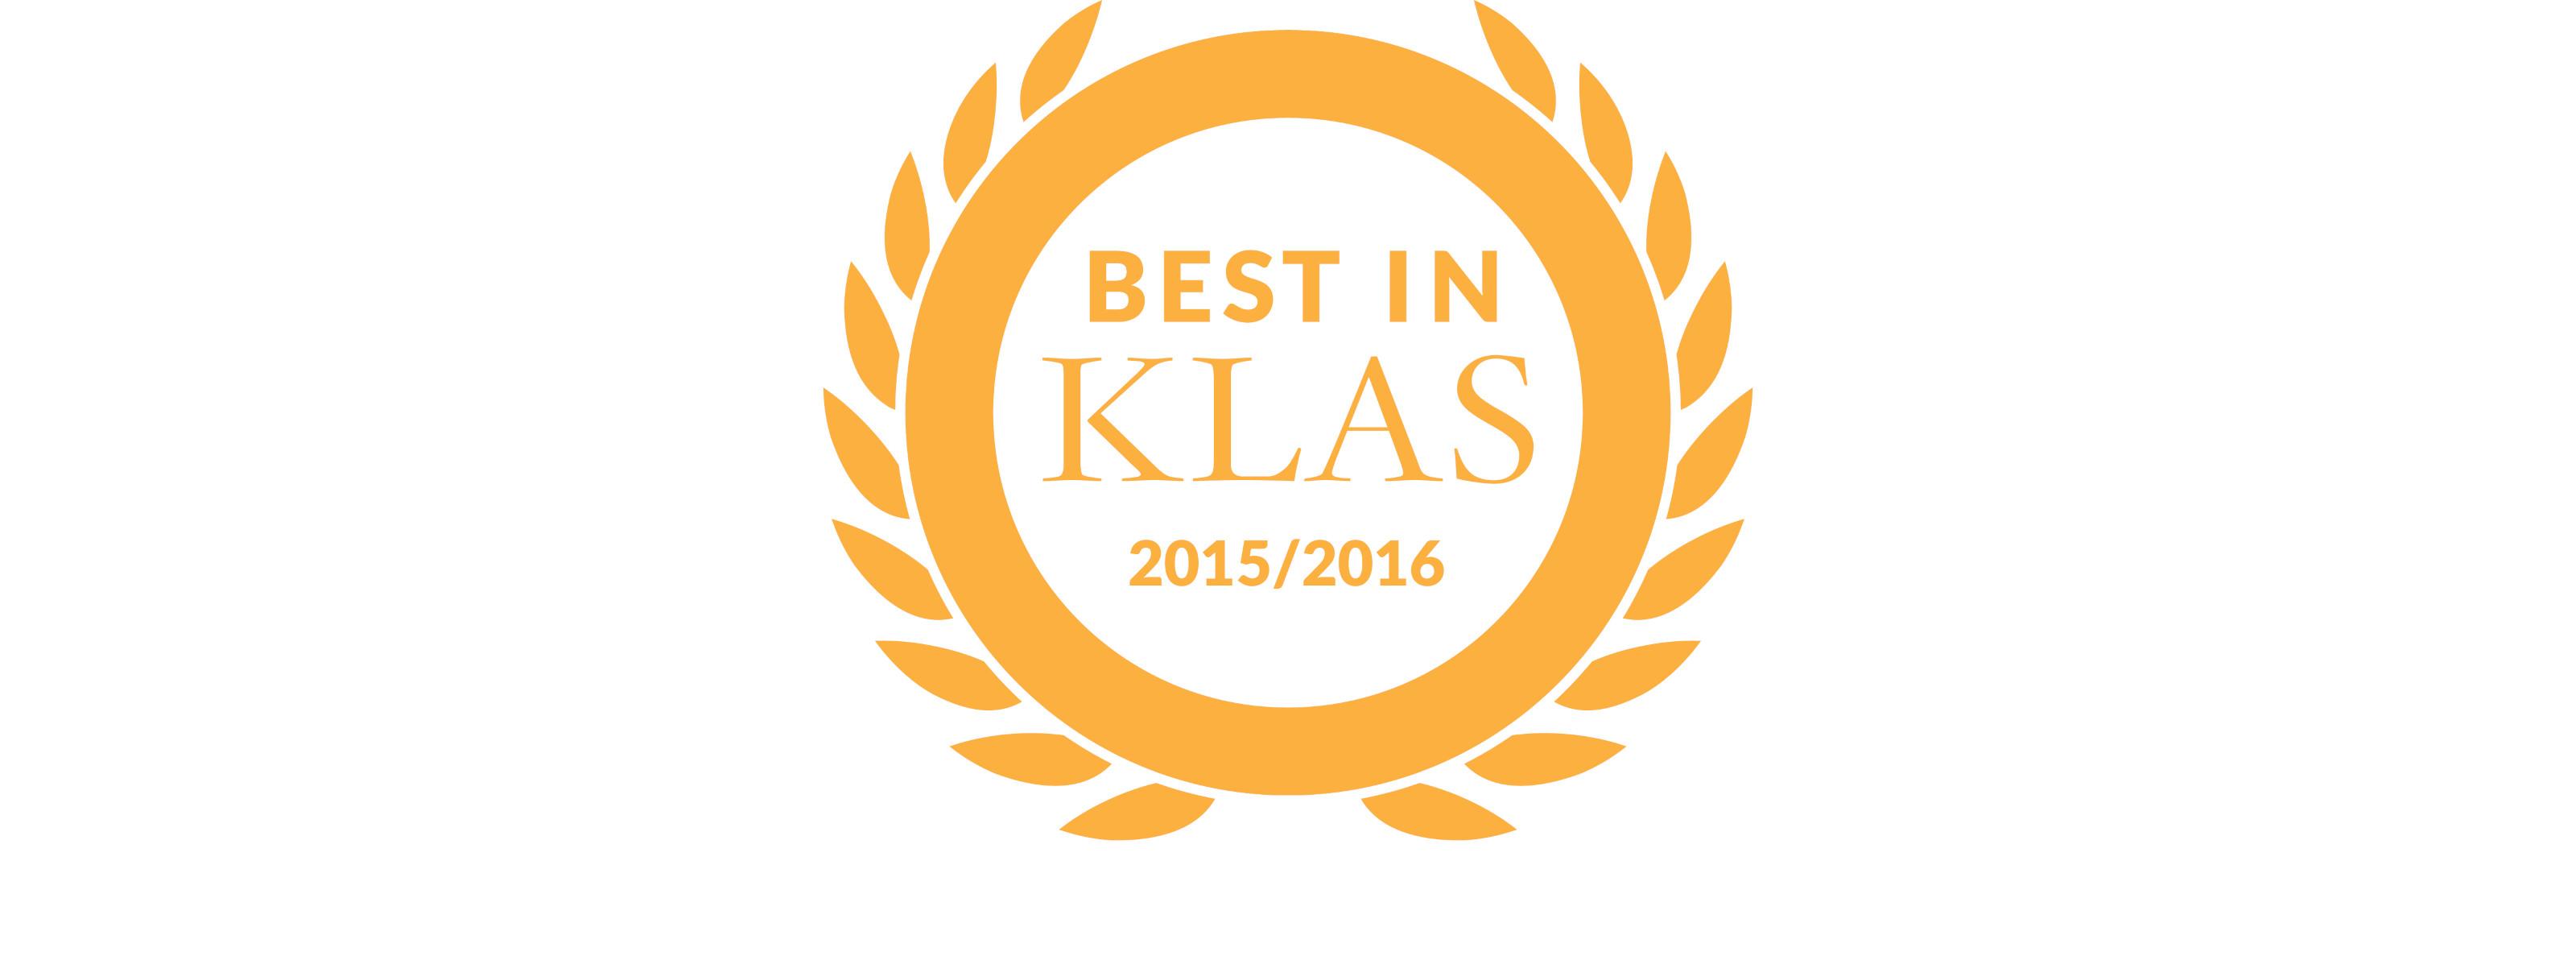 best in klas 2015 2016 logo